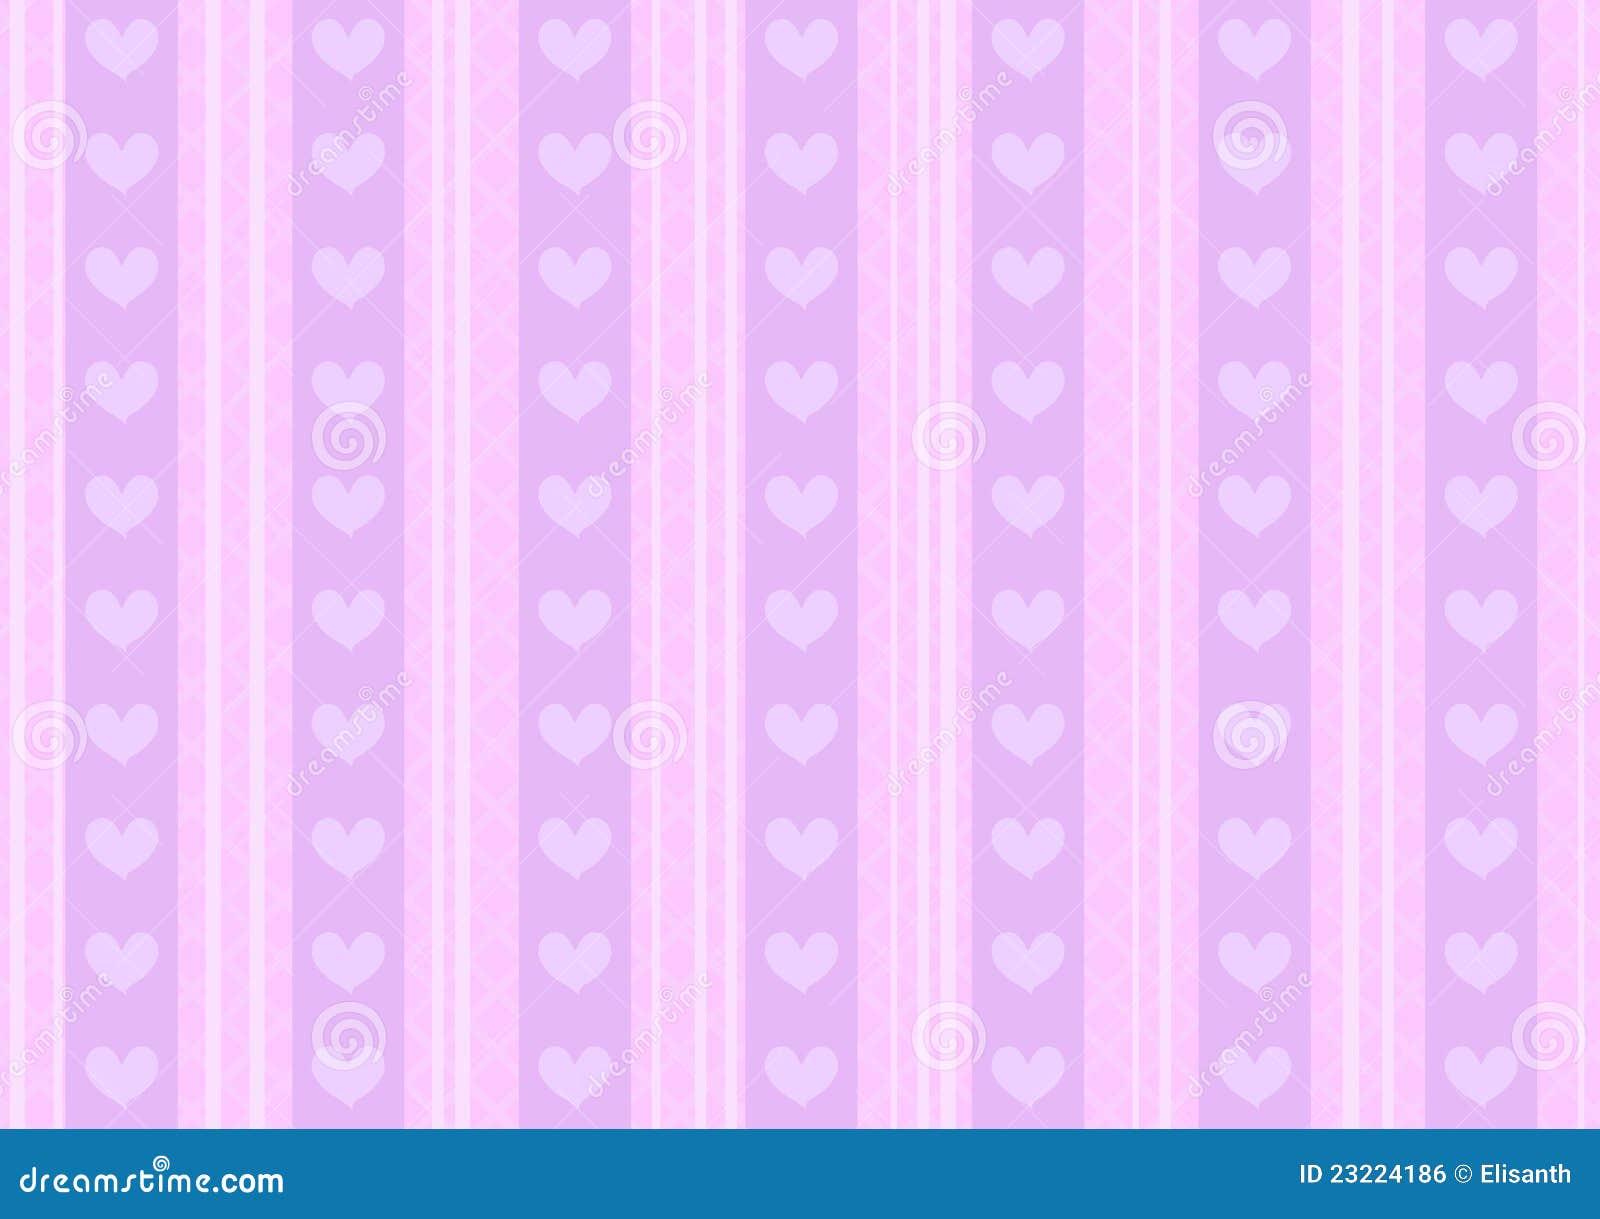 wallpaper in heart shape